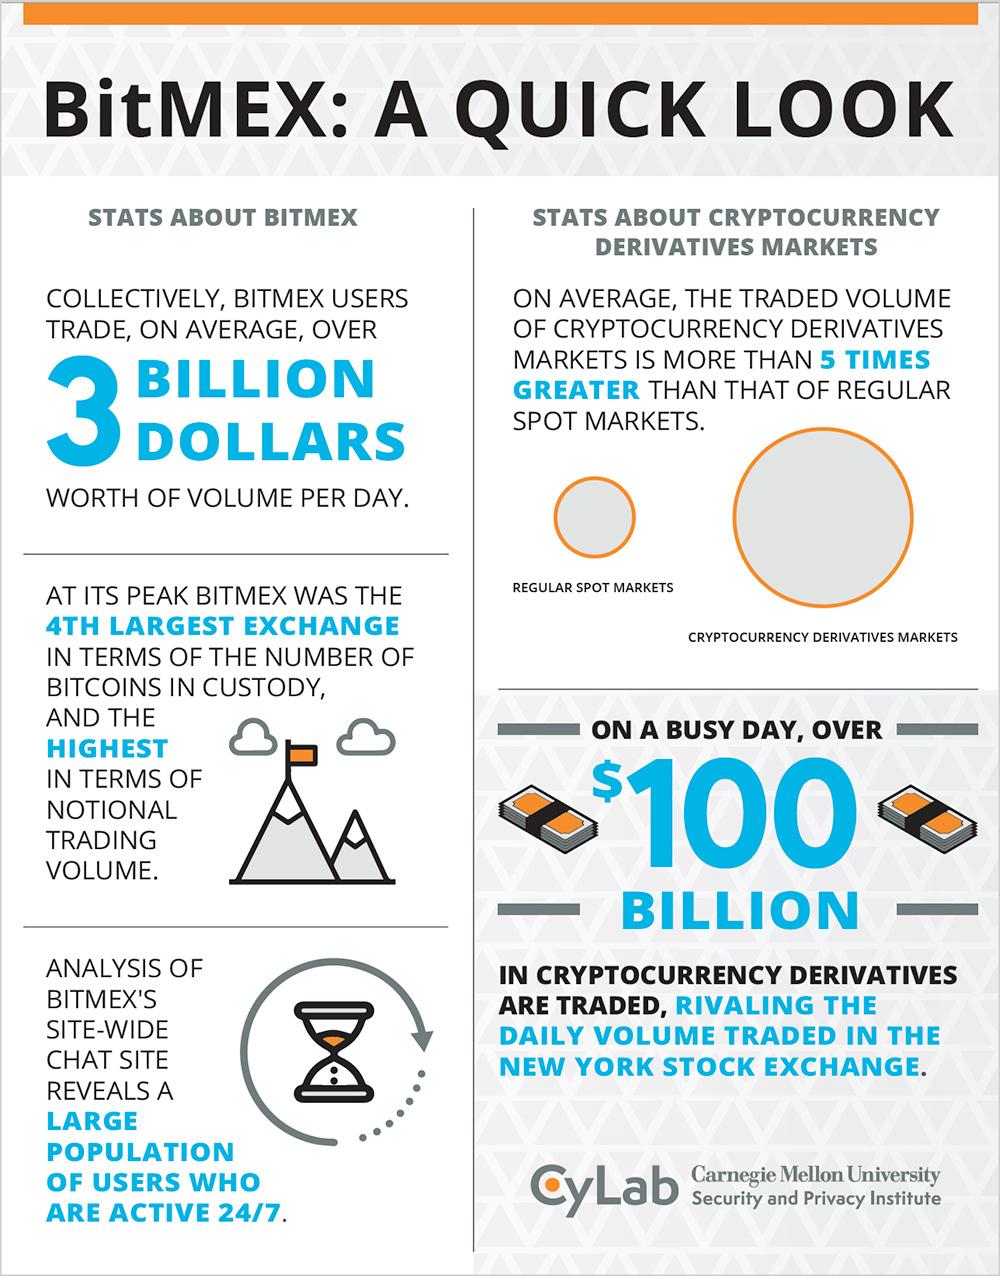 cmu bitcoin)